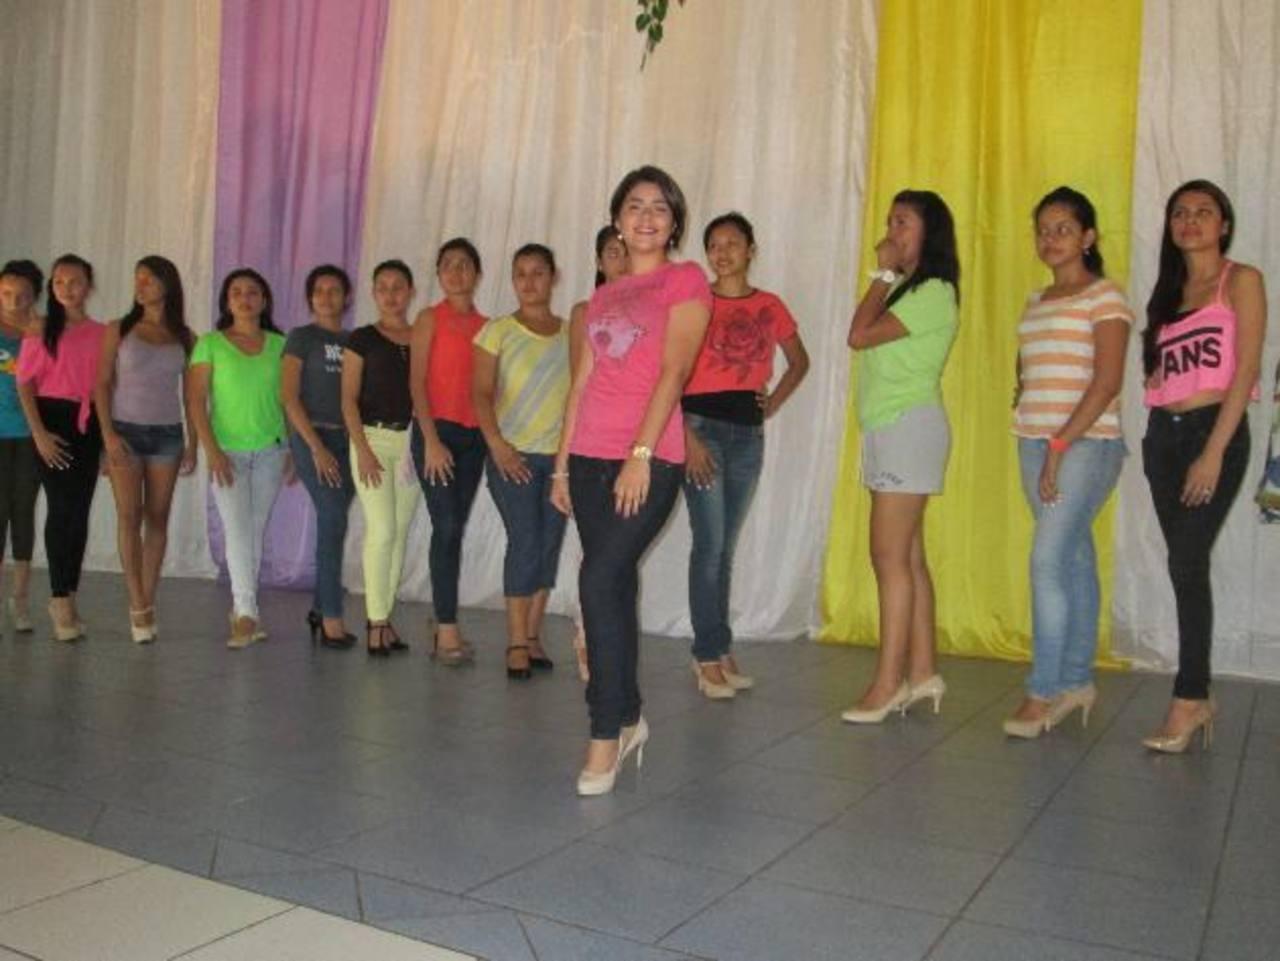 Las jóvenes aspirantes al reinado de las celebraciones serán presentadas hoy en el Palacio Cultural de la ciudad. Fotos edh / cristian diaz